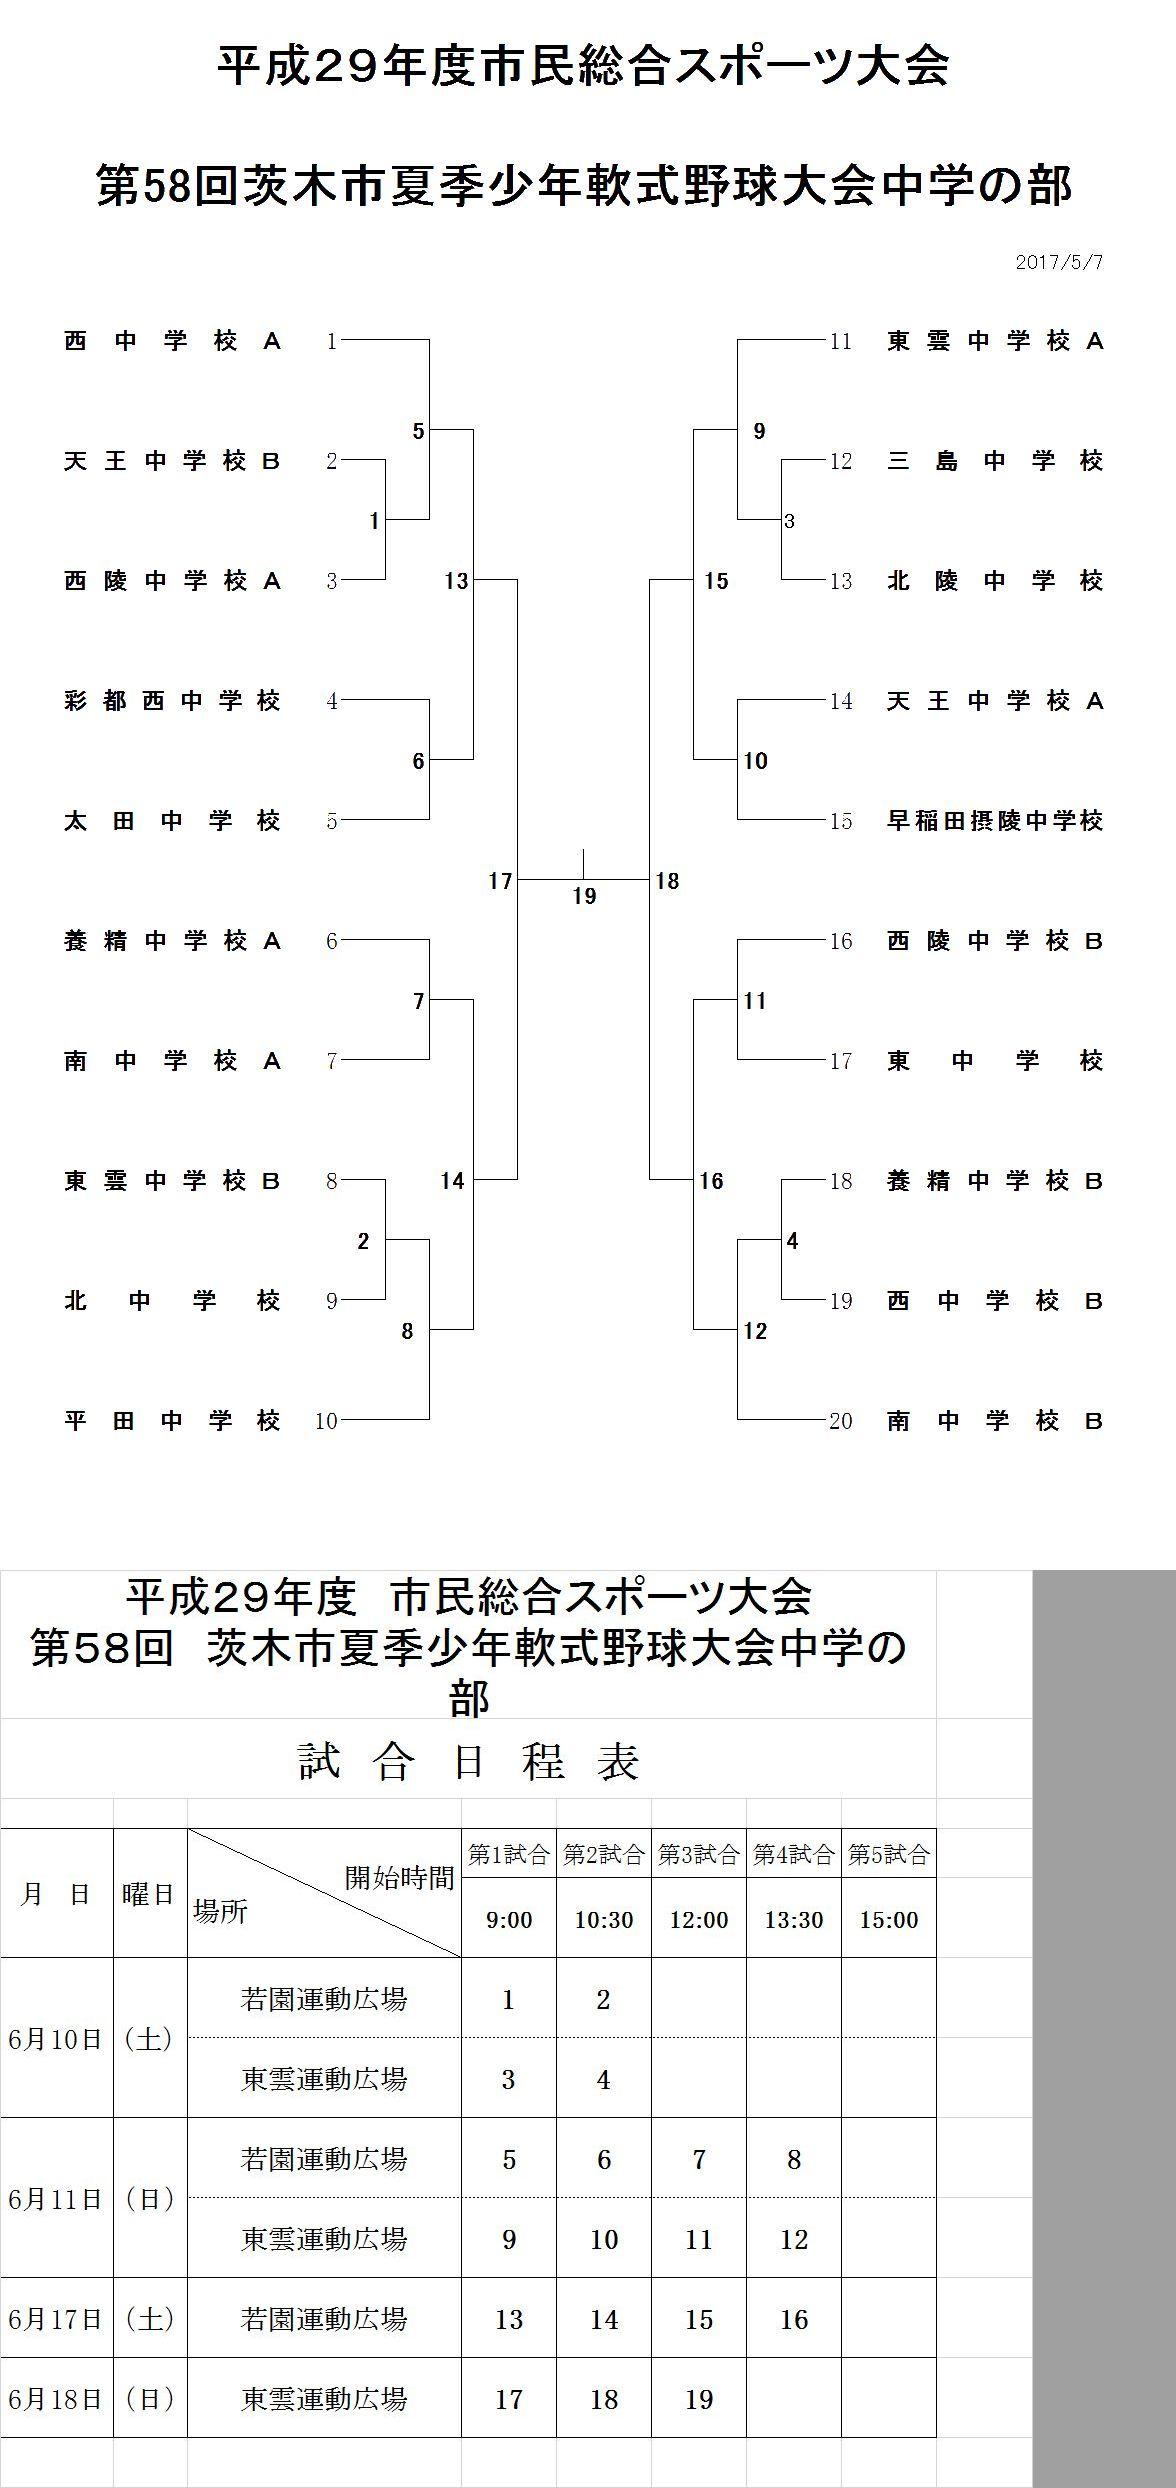 中学生夏季大会組み合わせ表